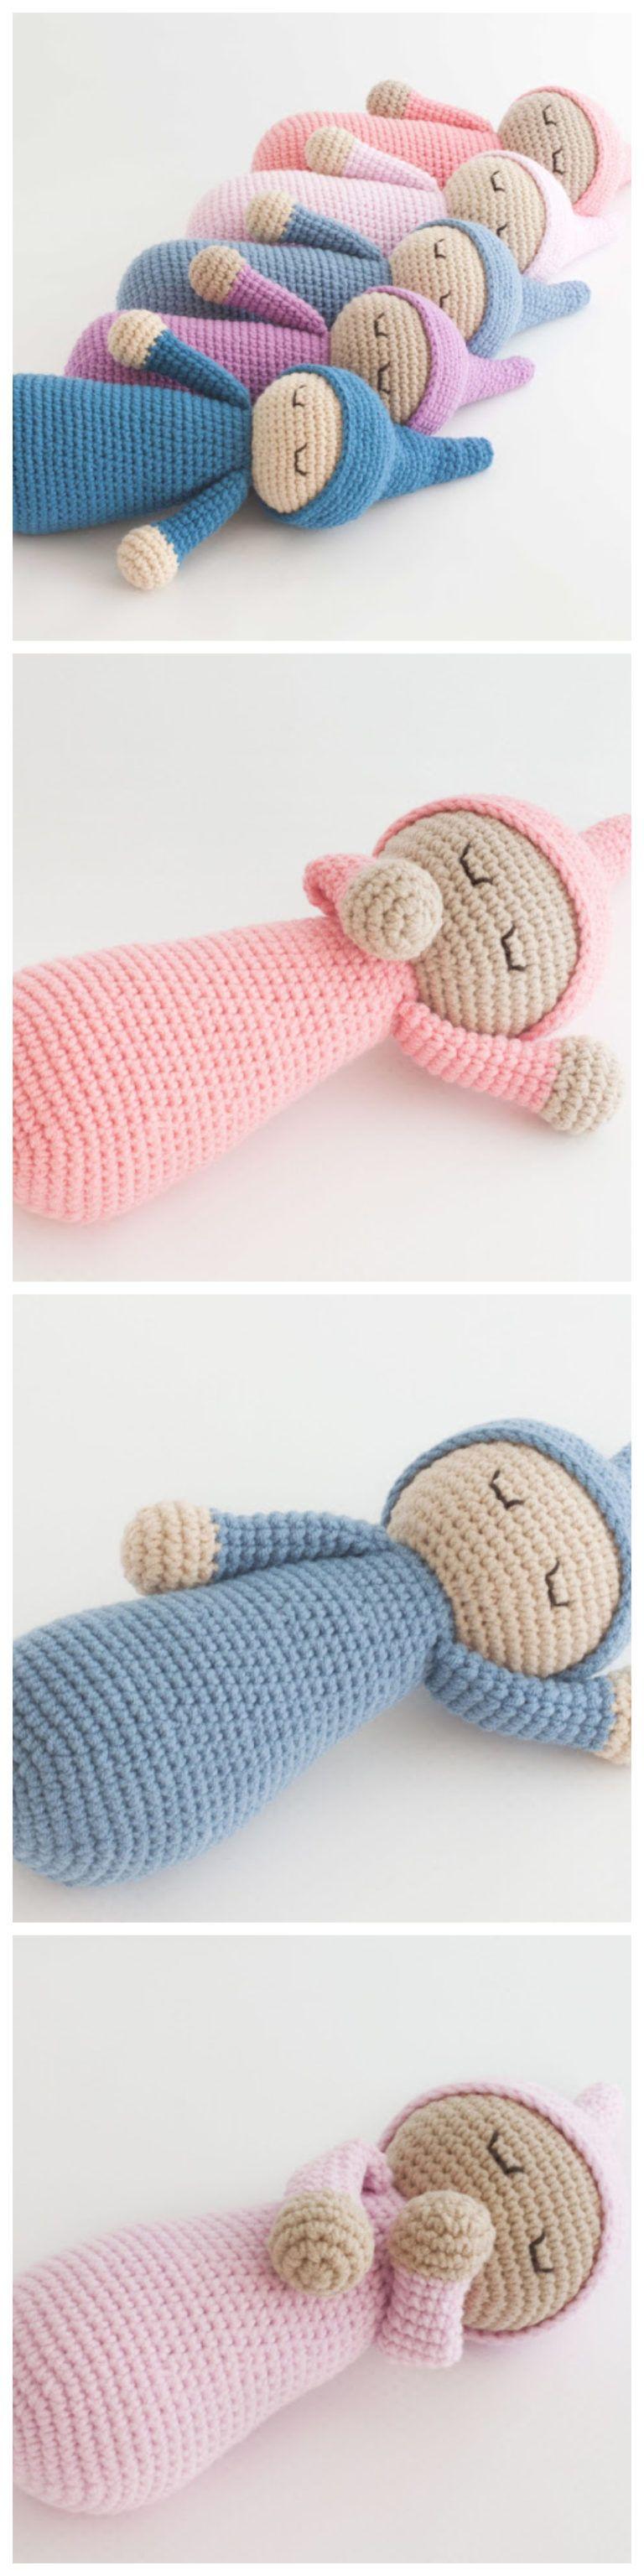 Crochet Sleepyhead Doll – Free Pattern #toydoll